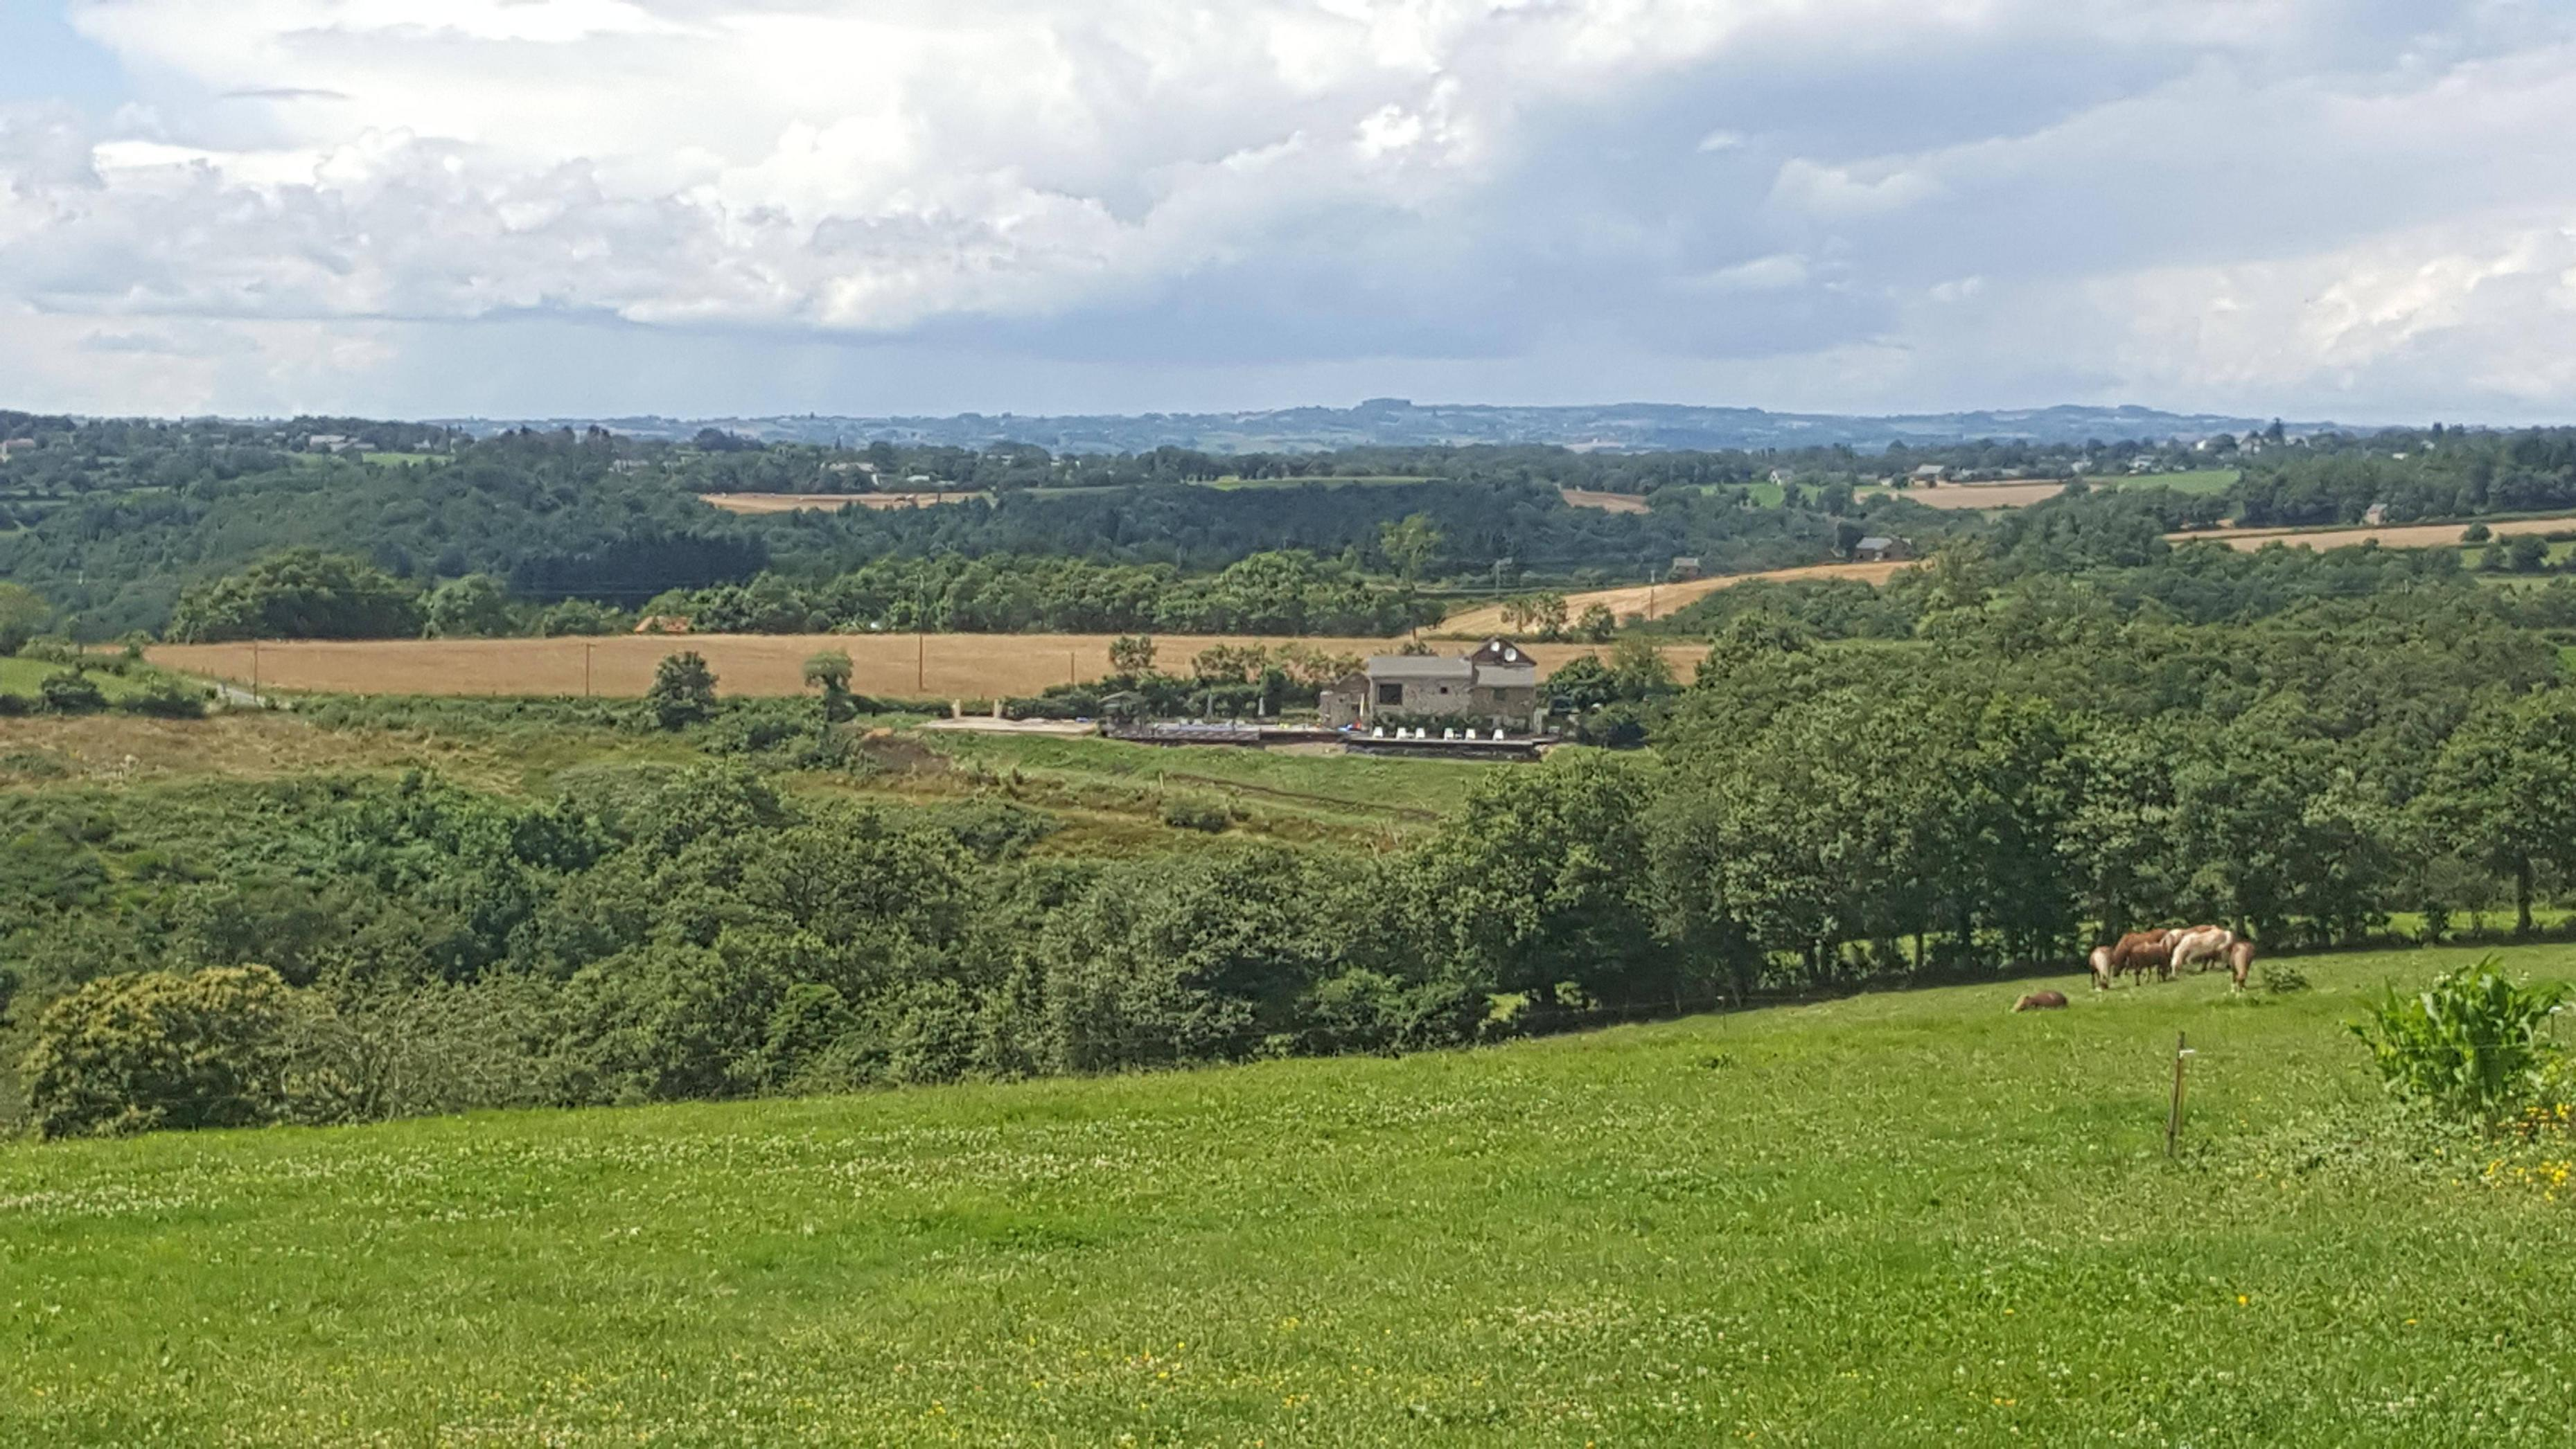 Ondanks de mijnbouw in de omgeving toch wat natuurschoon hier (Foto: Panoramio)